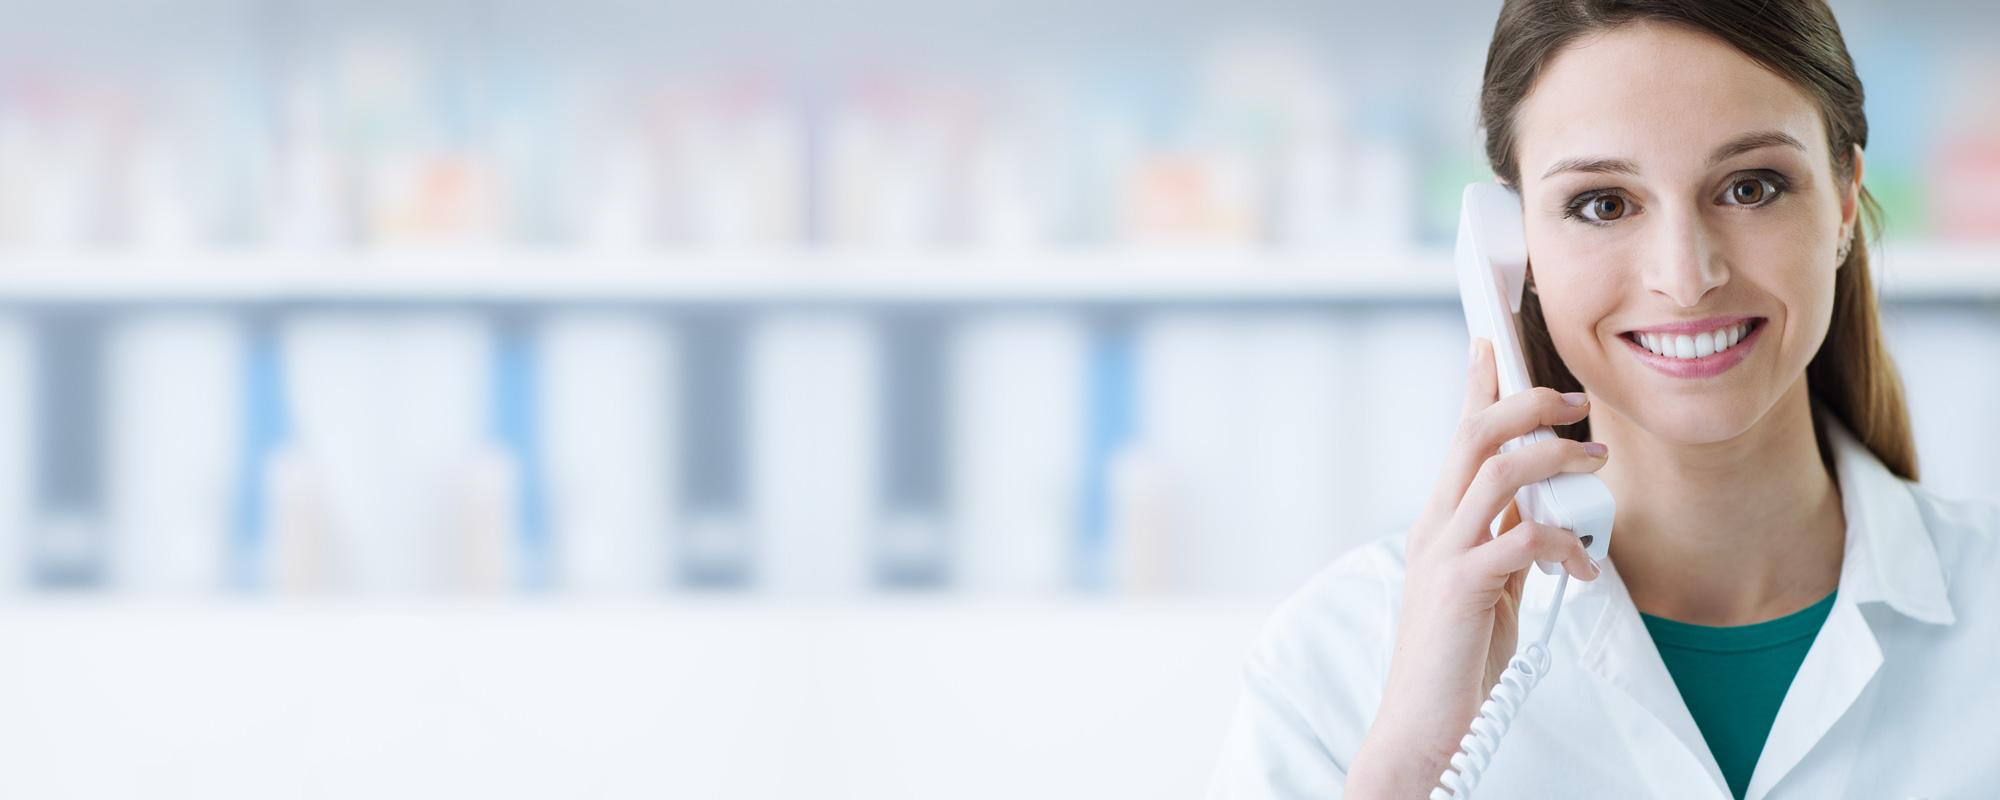 С 1996 года проведено более 50 000 операций <b>благодаря положительным отзывам пациентов</b>